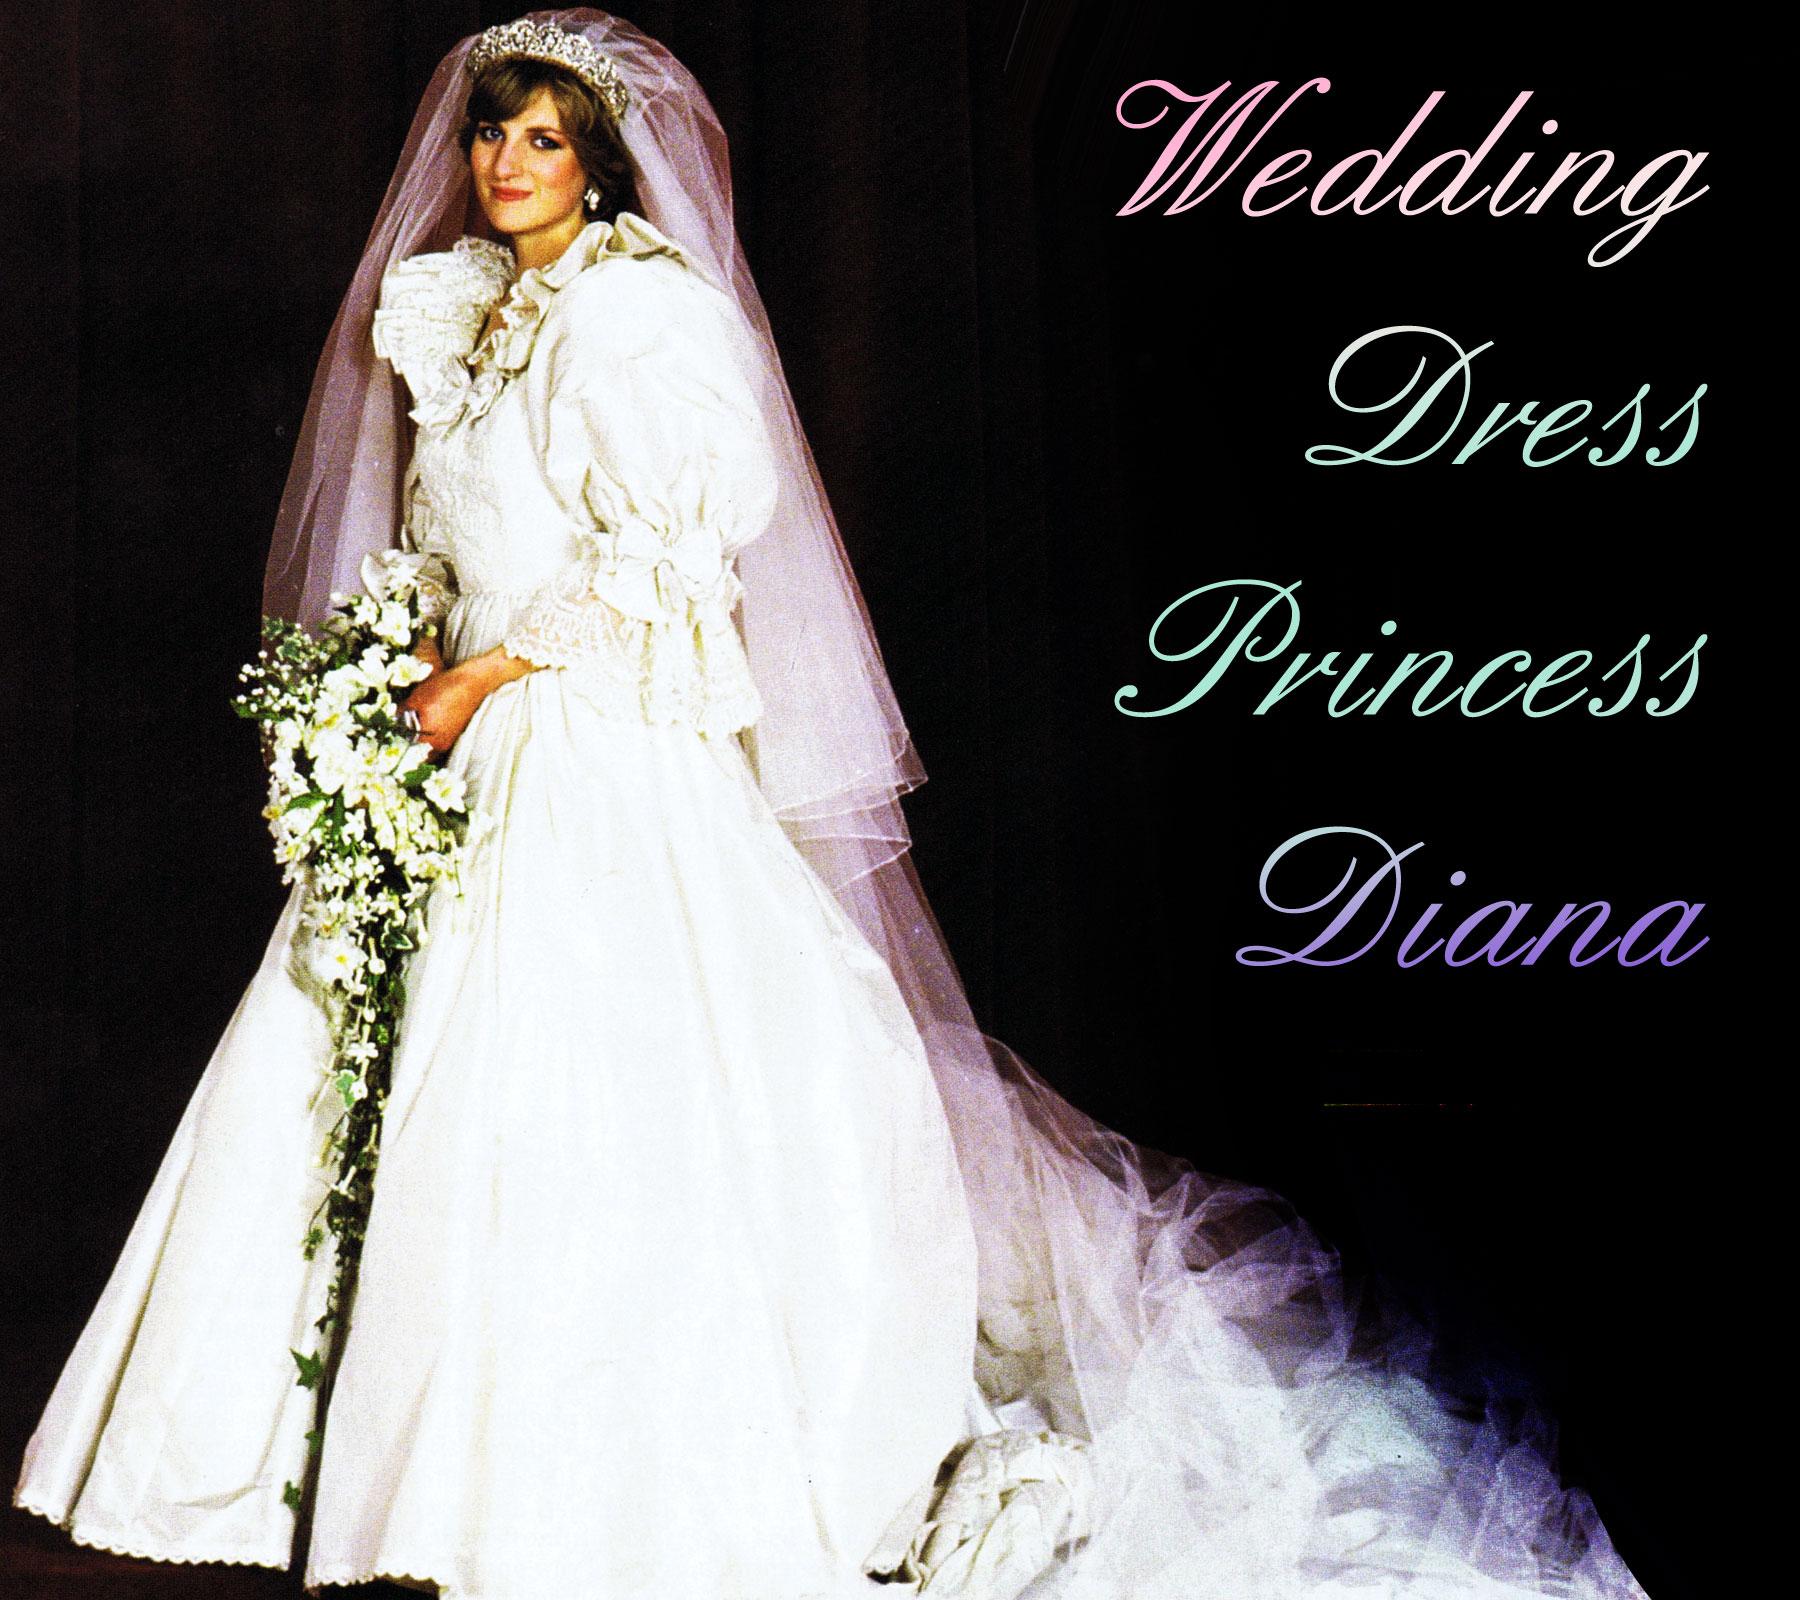 wedding dress princess diana